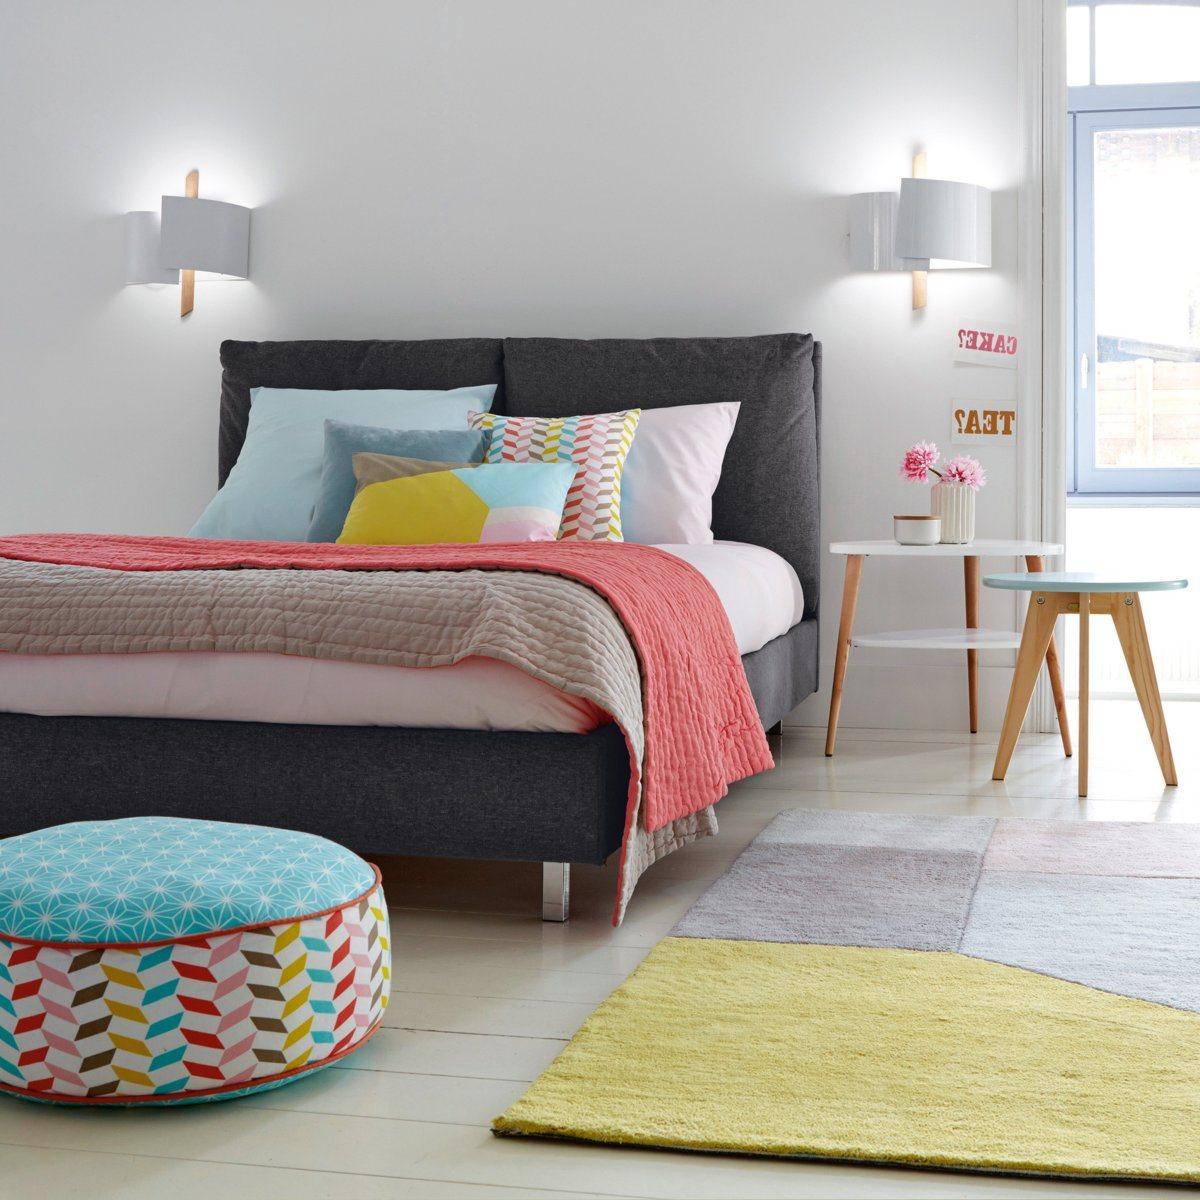 La Redoute Ameublement Chambre couleurs de la chambre - mobilier canape deco